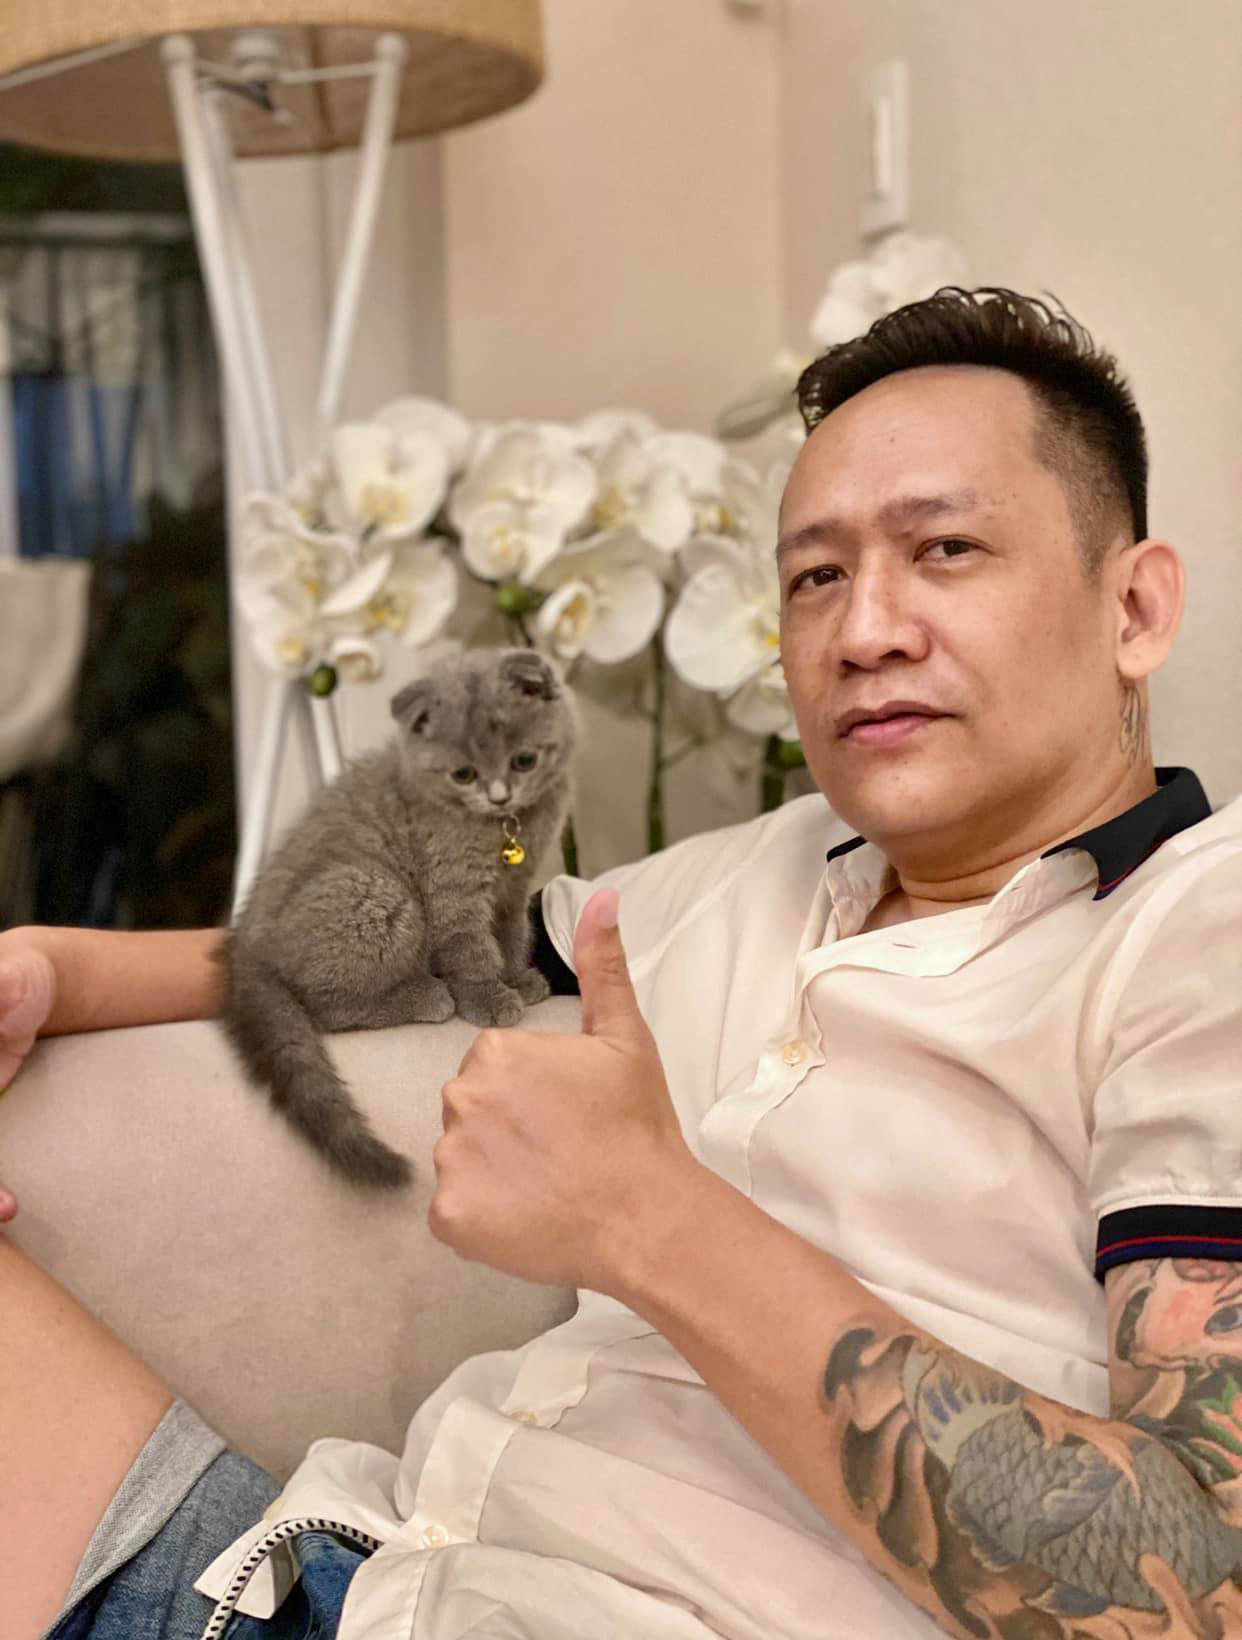 Ca sĩ Duy Mạnh bị phạt 7,5 triệu đồng - Báo Người lao động